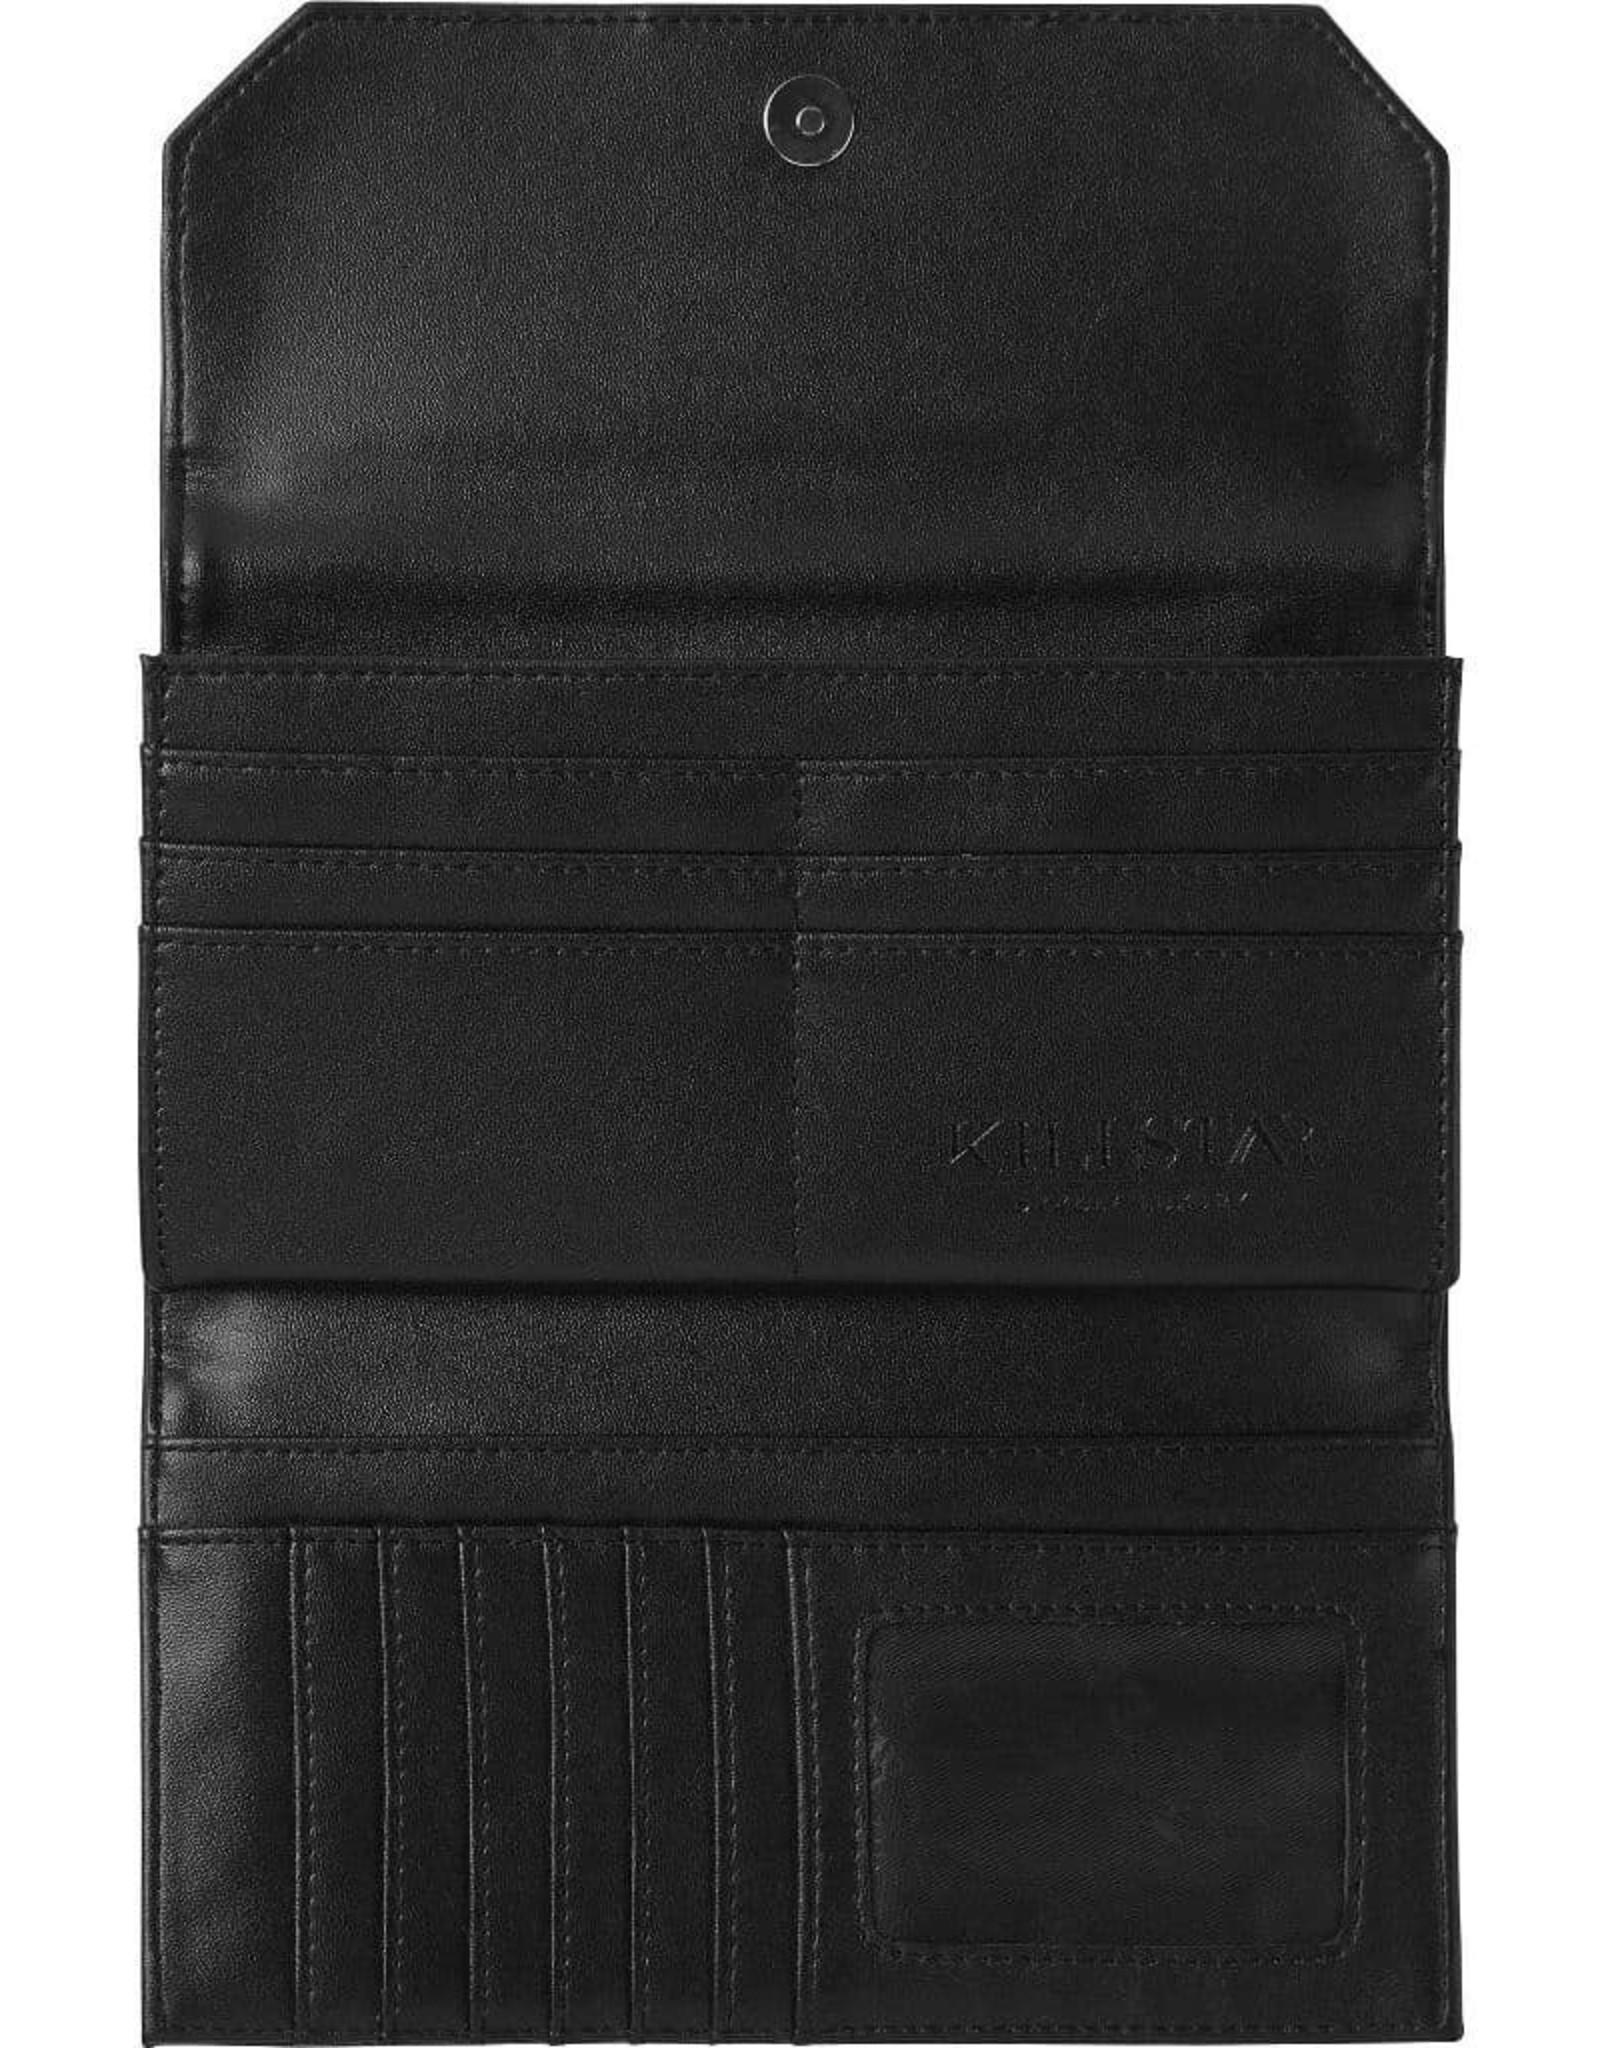 Killstar Merchandise wallets - Killstar wallet Stardust